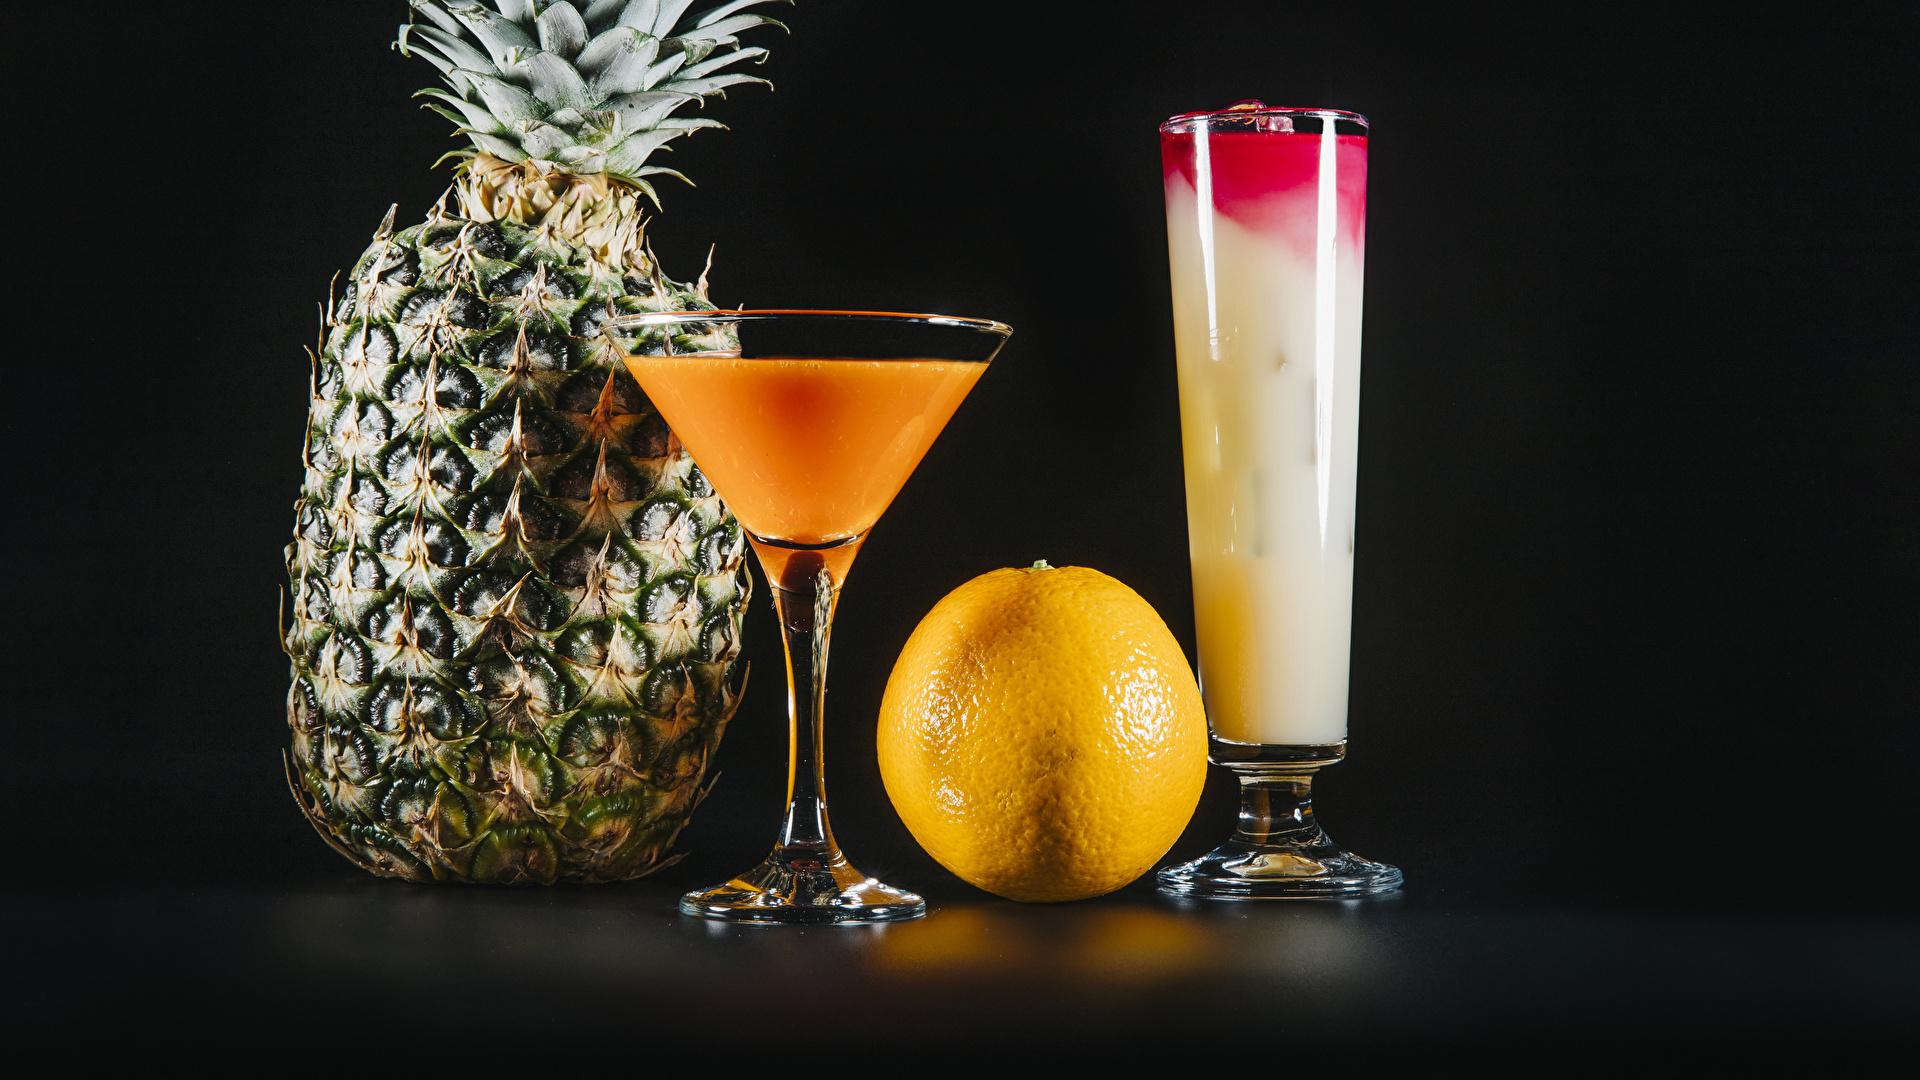 Фотография две Апельсин стакана Ананасы Еда бокал Коктейль на черном фоне 1920x1080 2 два Двое вдвоем Стакан стакане Пища Бокалы Продукты питания Черный фон